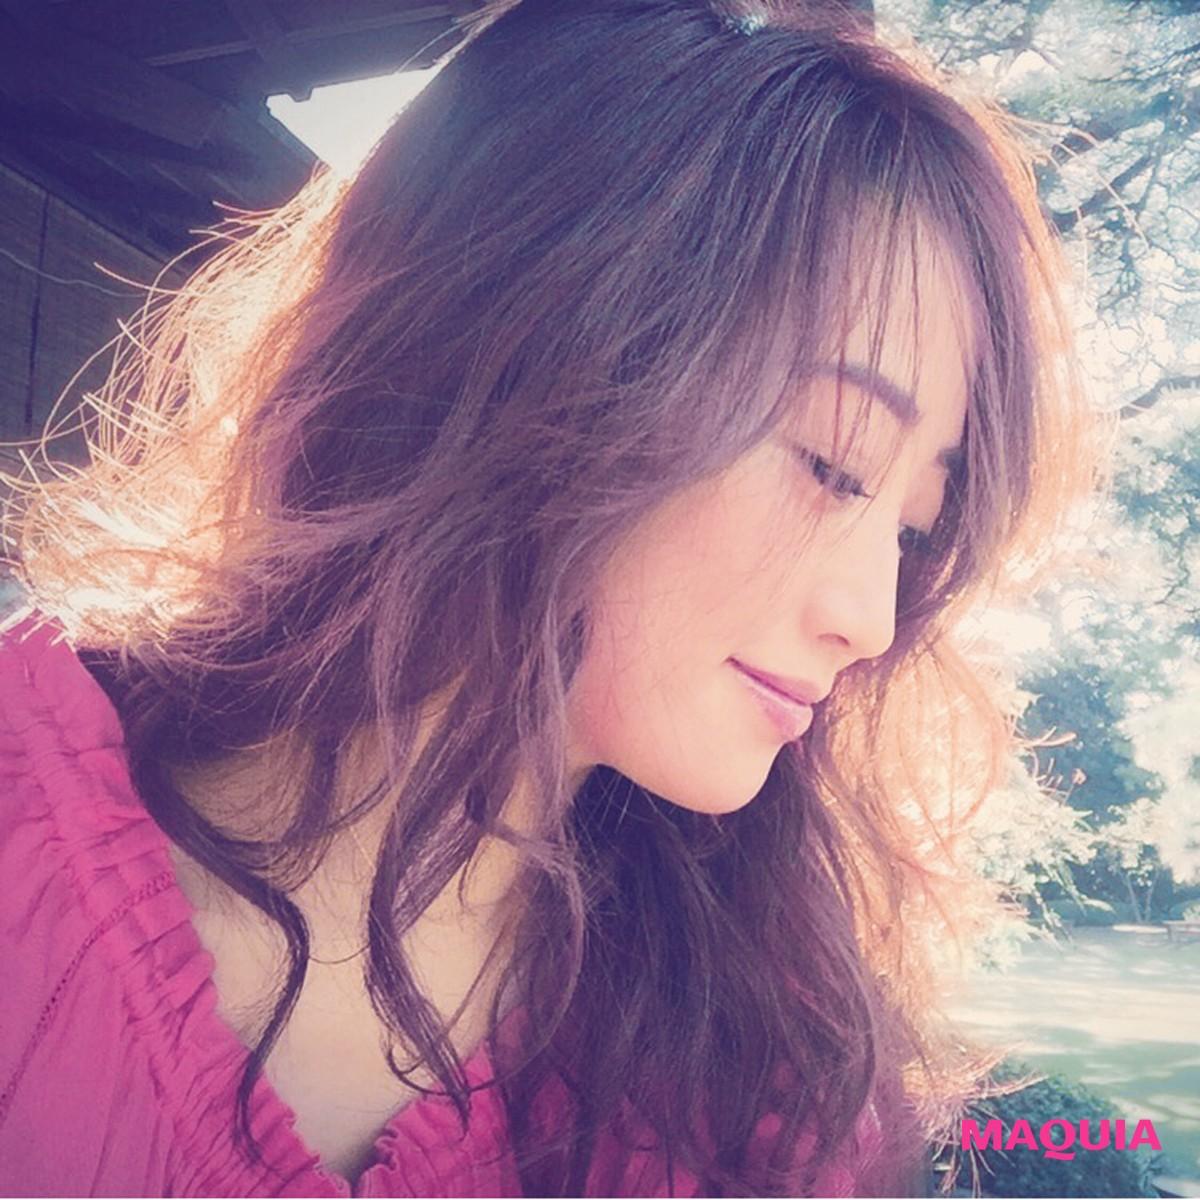 SNSが恋のはじまり♡ 神崎 恵さん流・出会いを引き寄せる自撮りメソッド